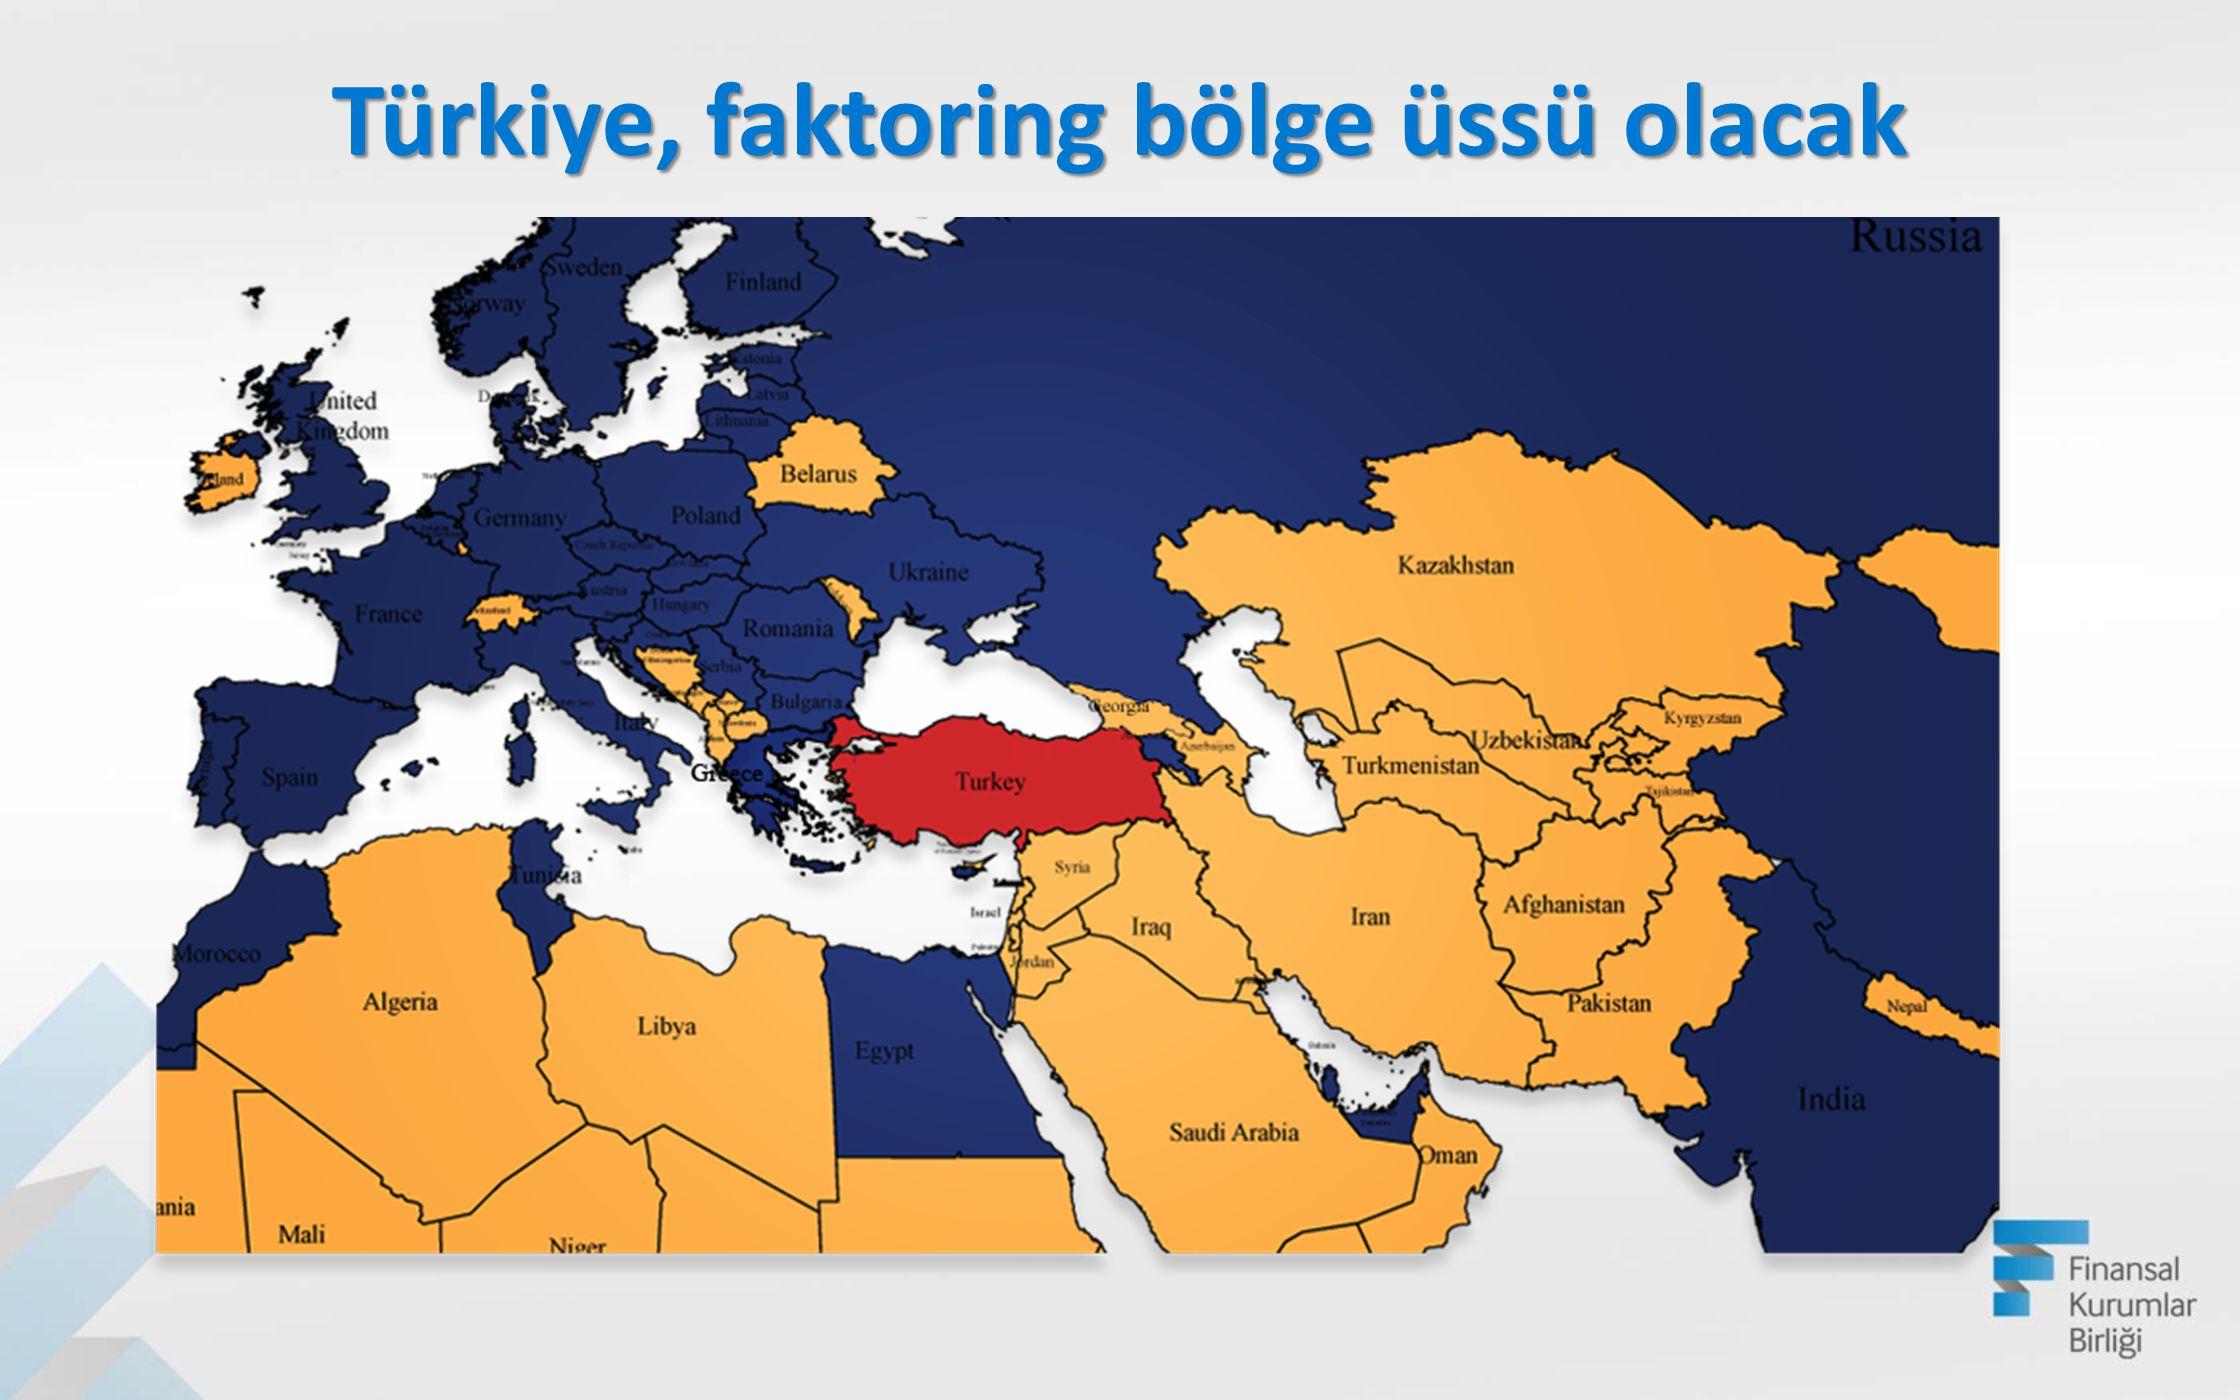 Türkiye, faktoring bölge üssü olacak